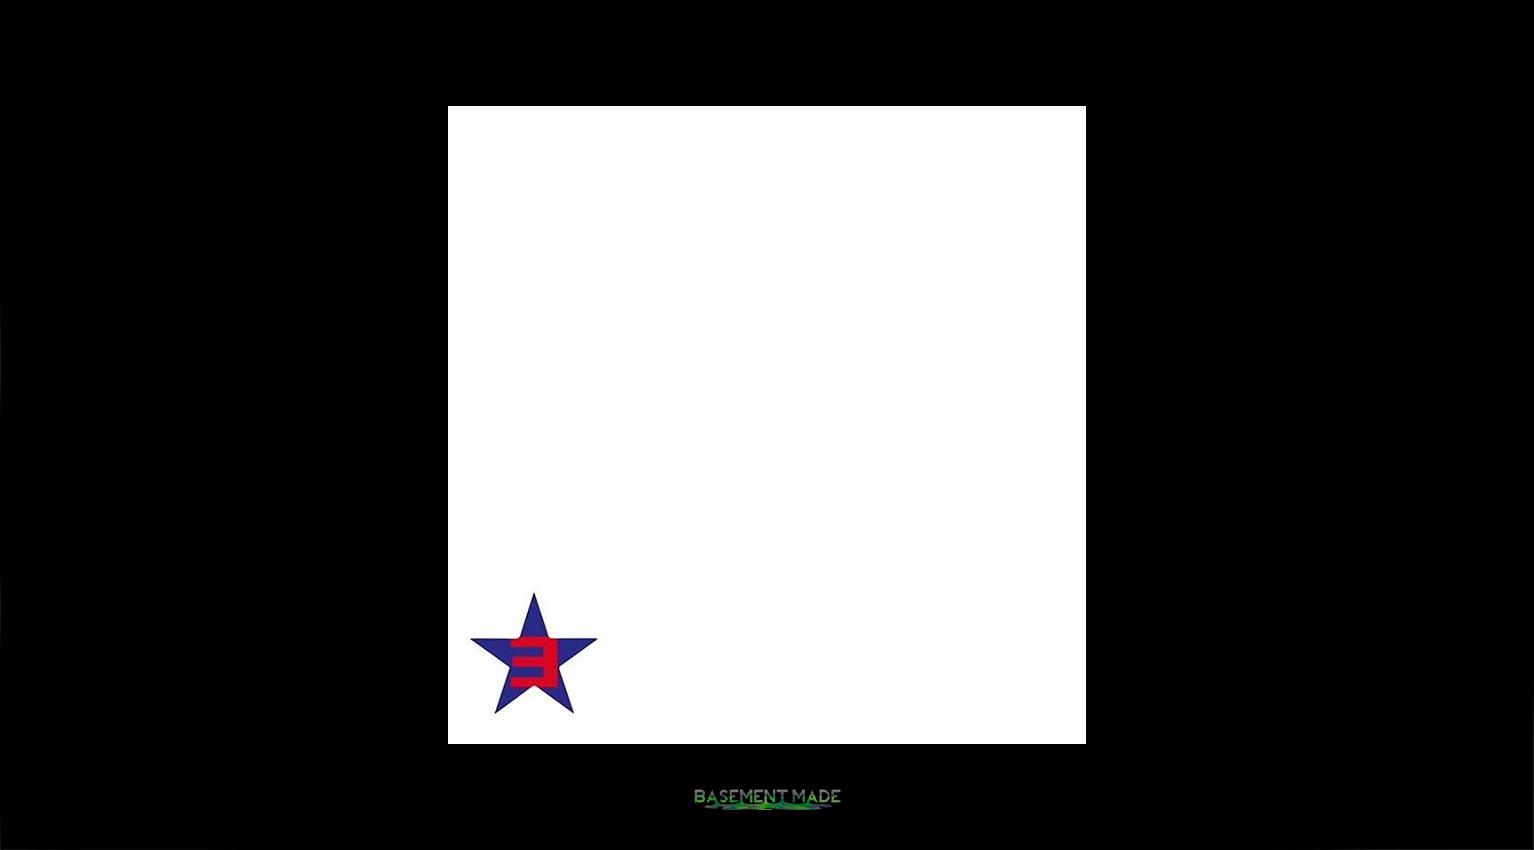 Eminem-Campaign-Speech-basement-made